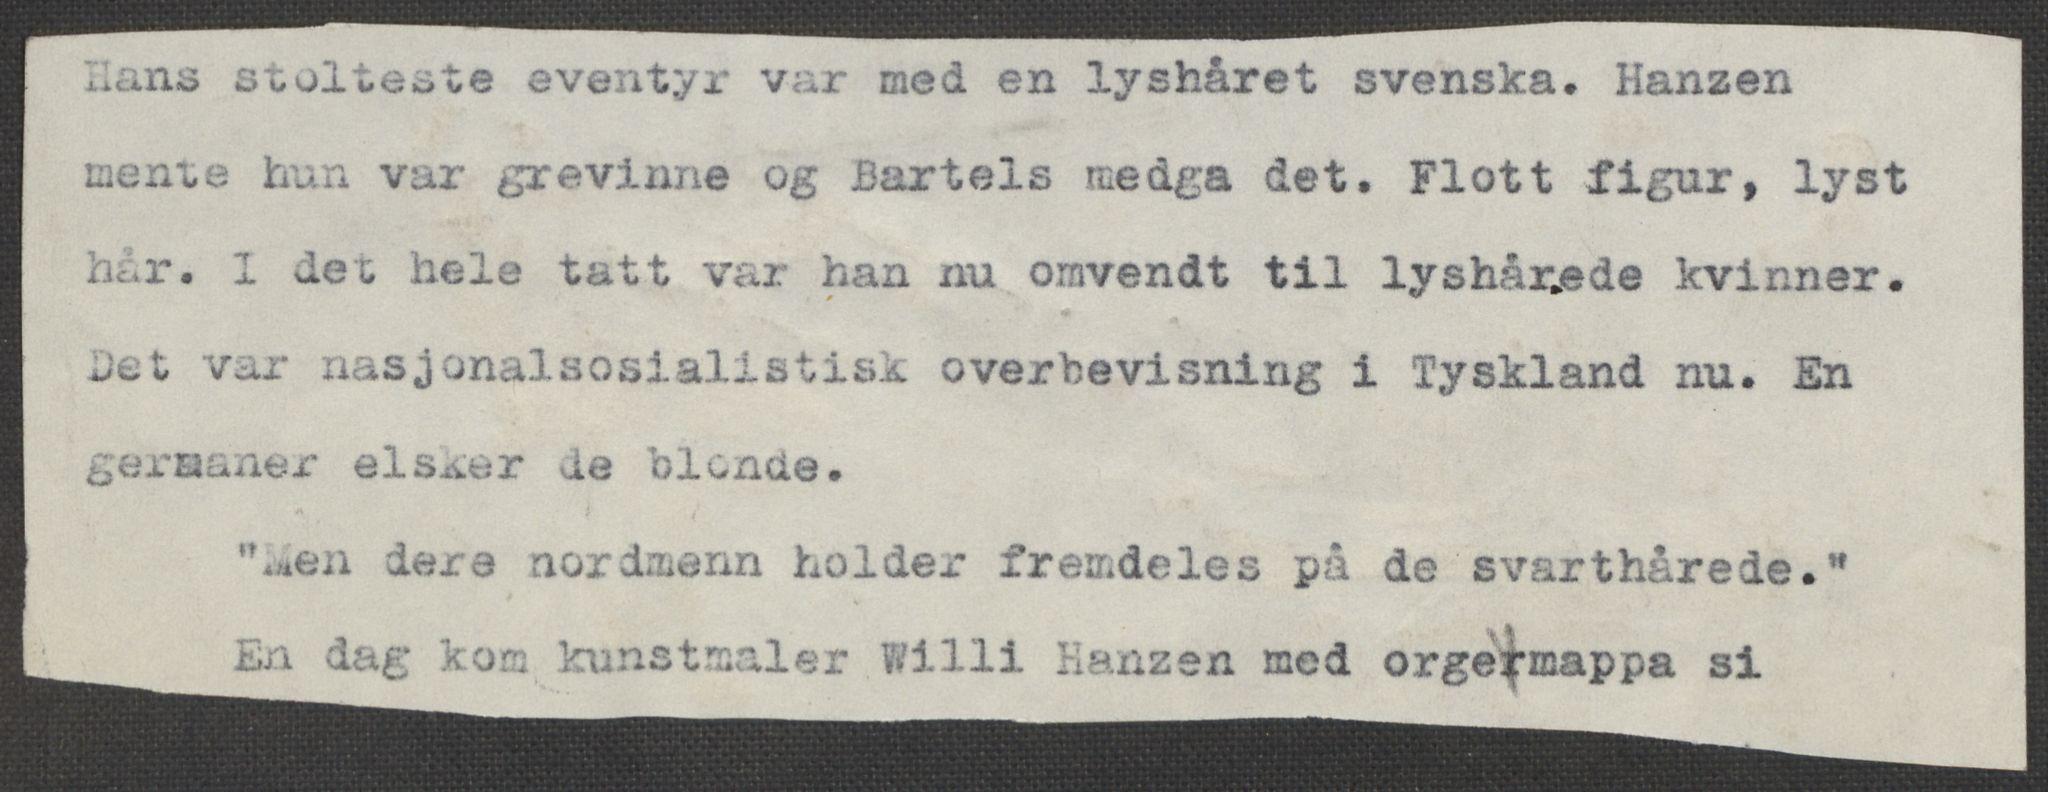 RA, Grøgaard, Joachim, F/L0002: Tegninger og tekster, 1942-1945, s. 92